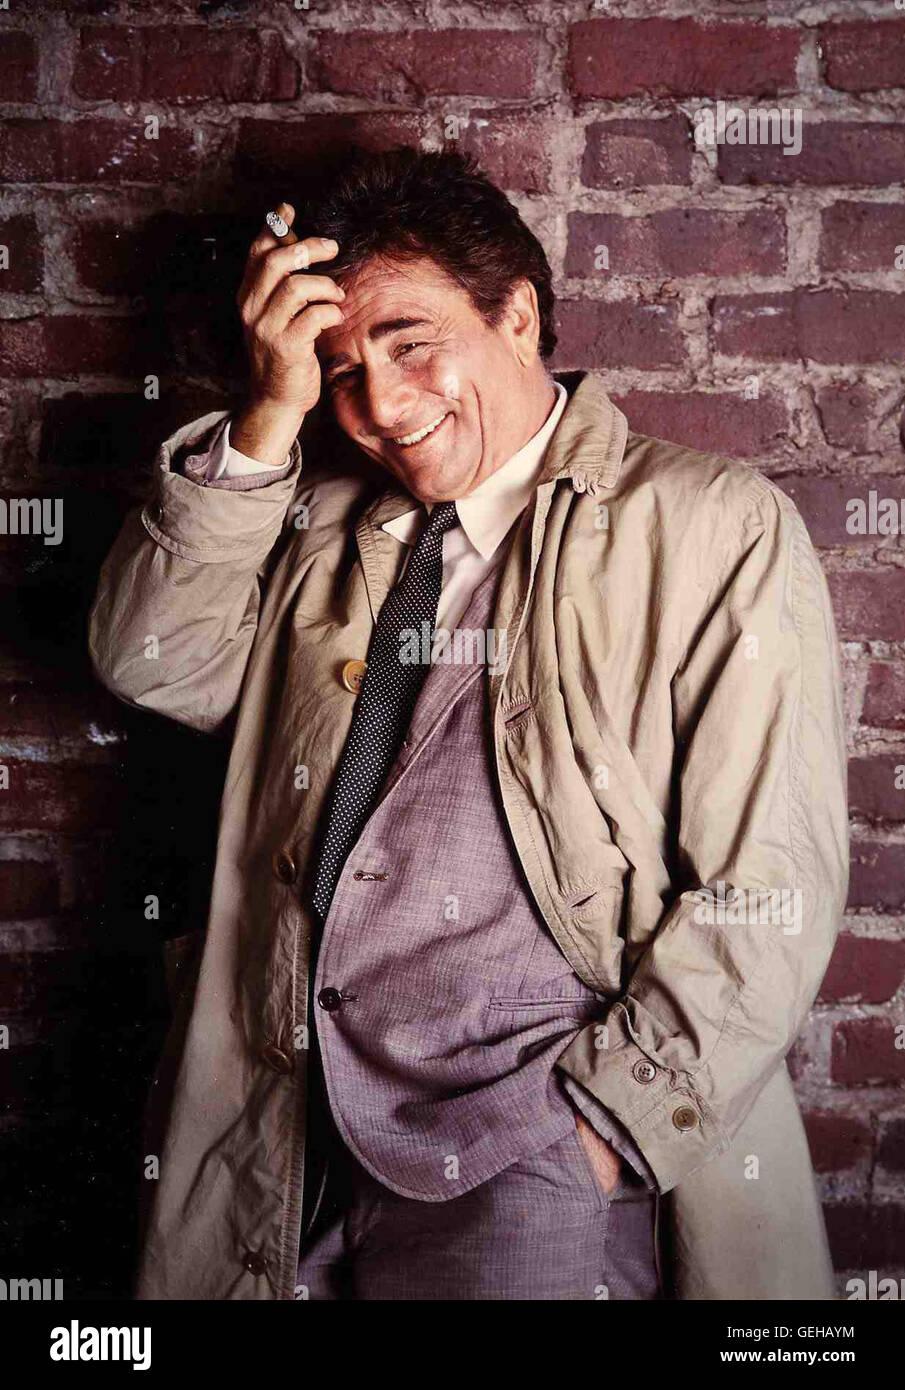 Inspektor Columbo (Peter Falk) in Szene *** Local Caption *** 1970, 1970s, Columbo 70er Jahre (Neutral), Krimi, - Stock Image